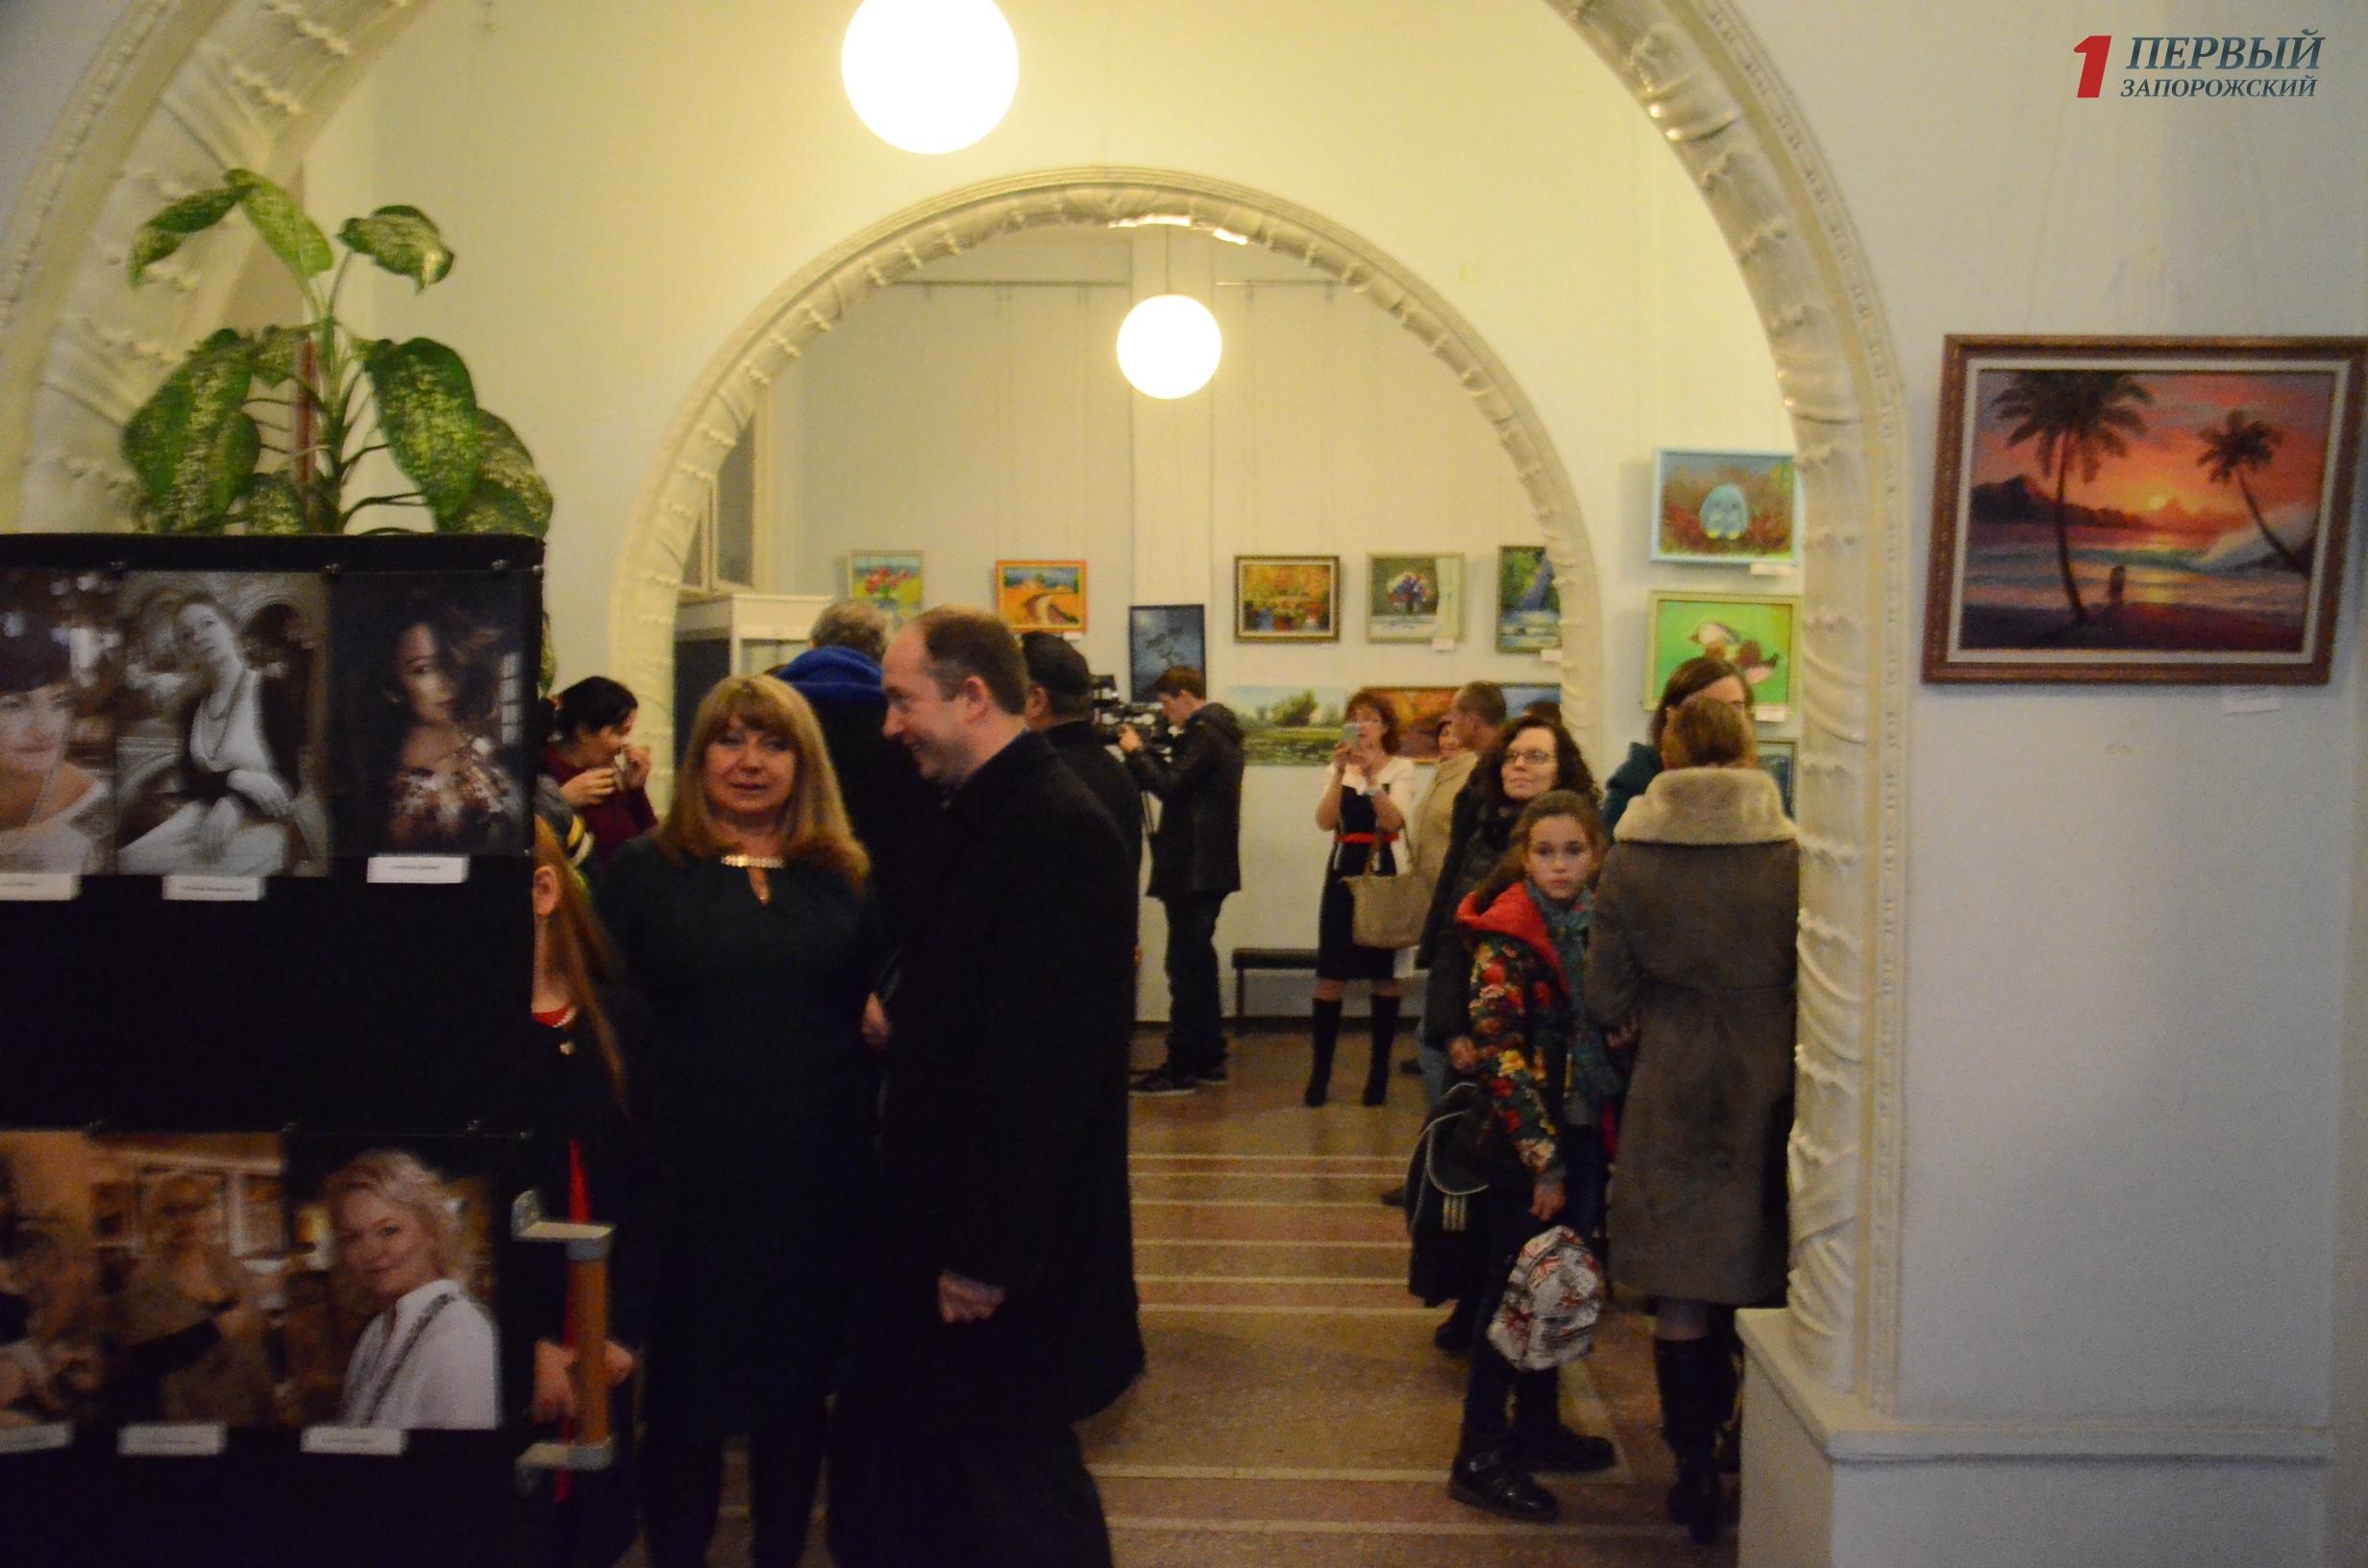 В Запорожье открылась выставка в поддержку малоимущим незрячим людям- ФОТО